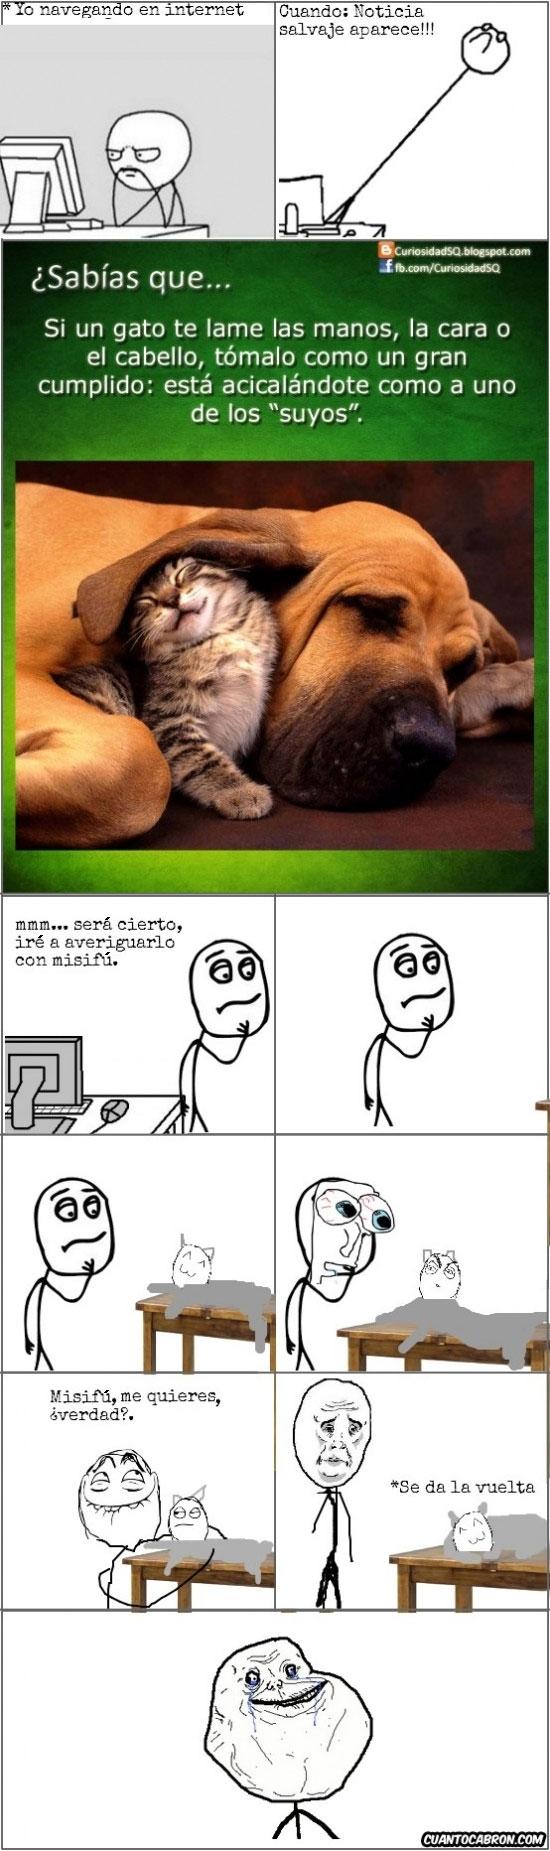 Forever_alone - Puede que ese gato te quiera más que todos tus conocidos